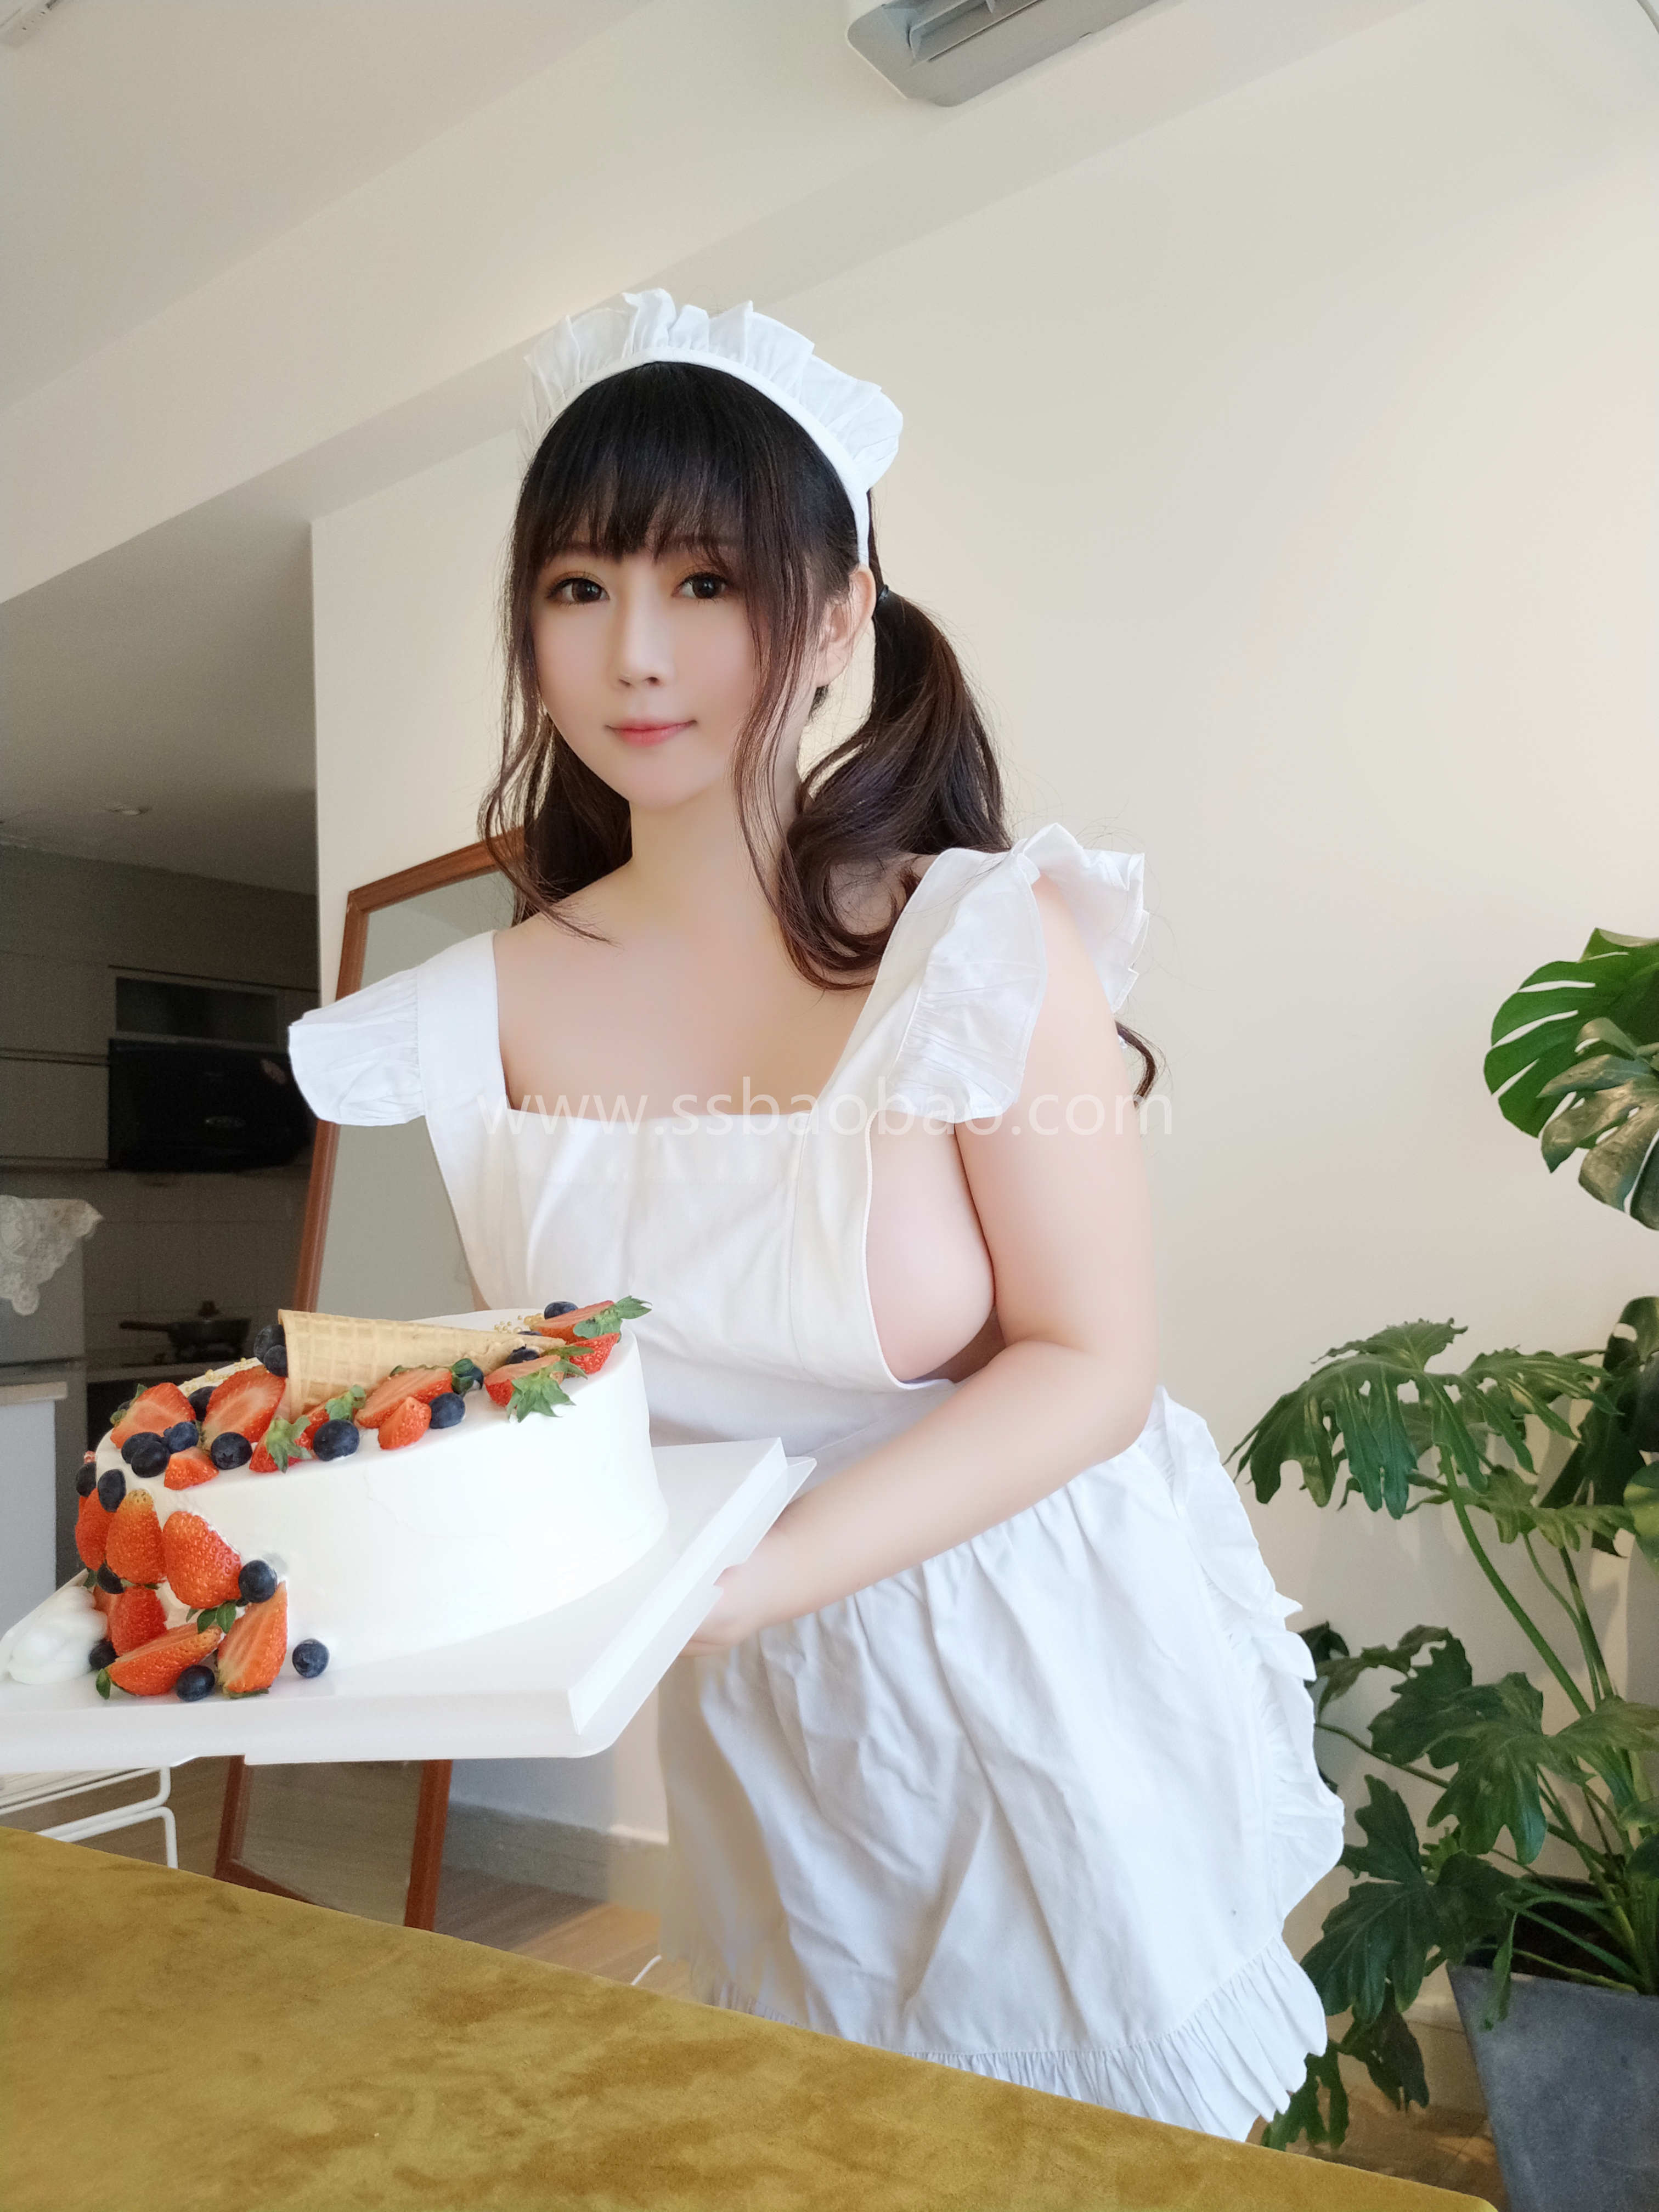 是依酱吖 NO.030 小厨娘[40P-88MB] (1)